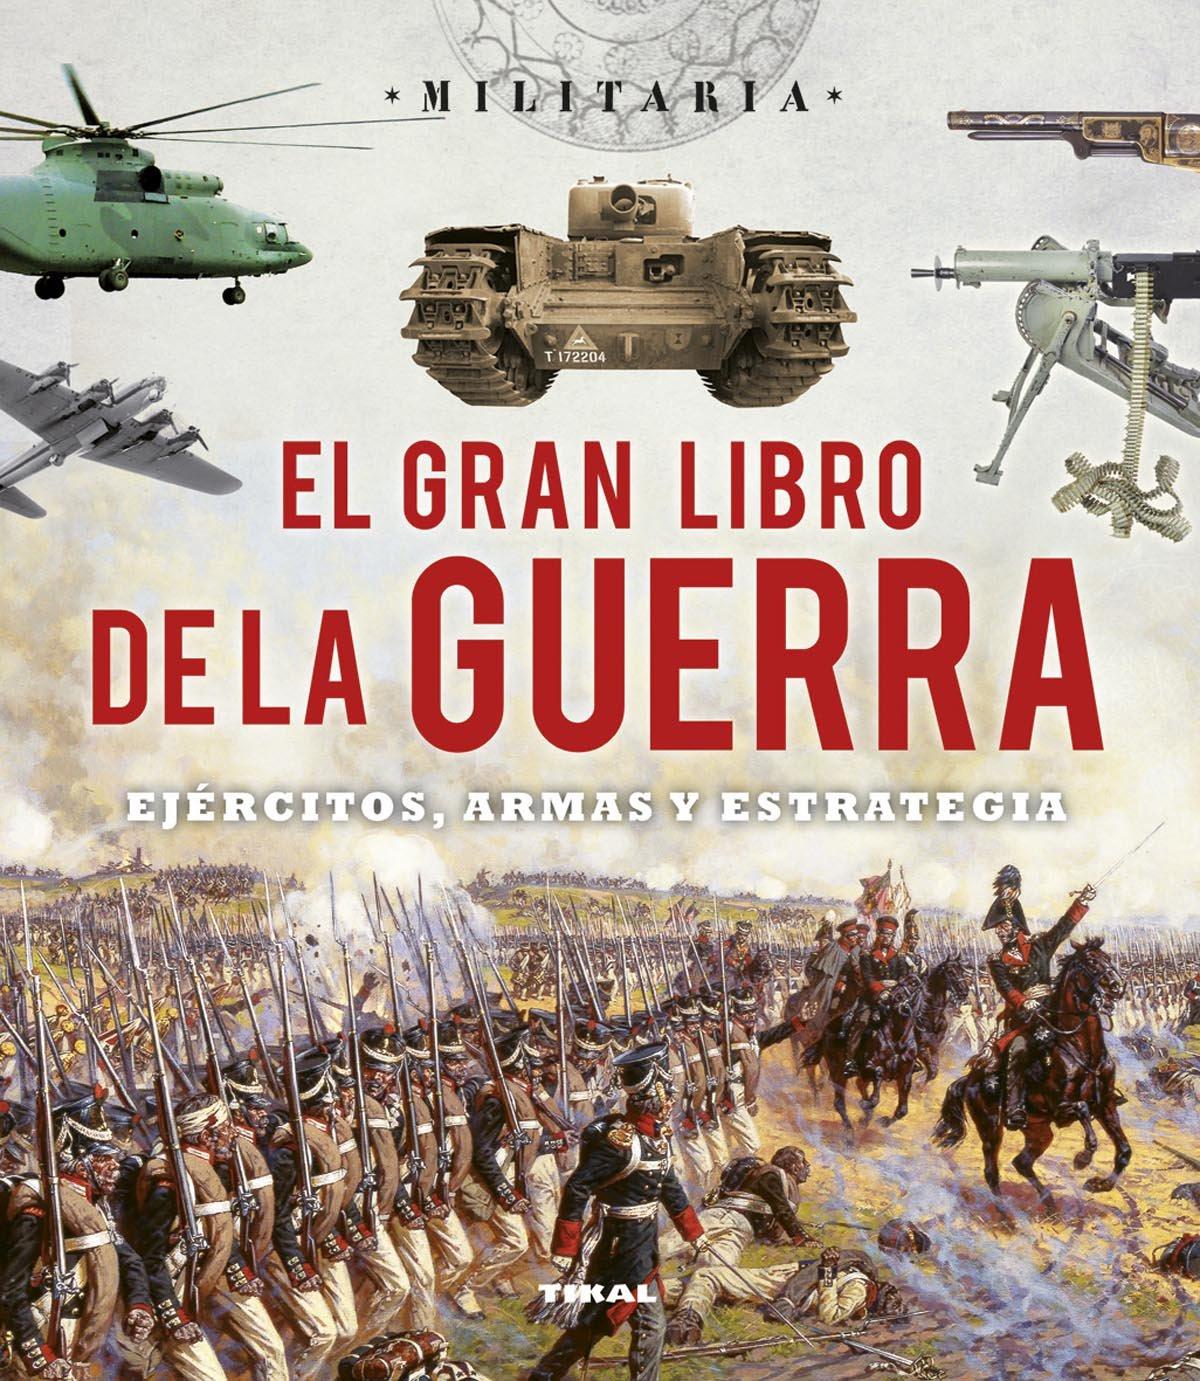 El Gran Libro De La Guerra Ejércitos Armas Y Esrategia Militaria Spanish Edition Bergamino Giorgio Palitta Gianni 9788499282787 Books